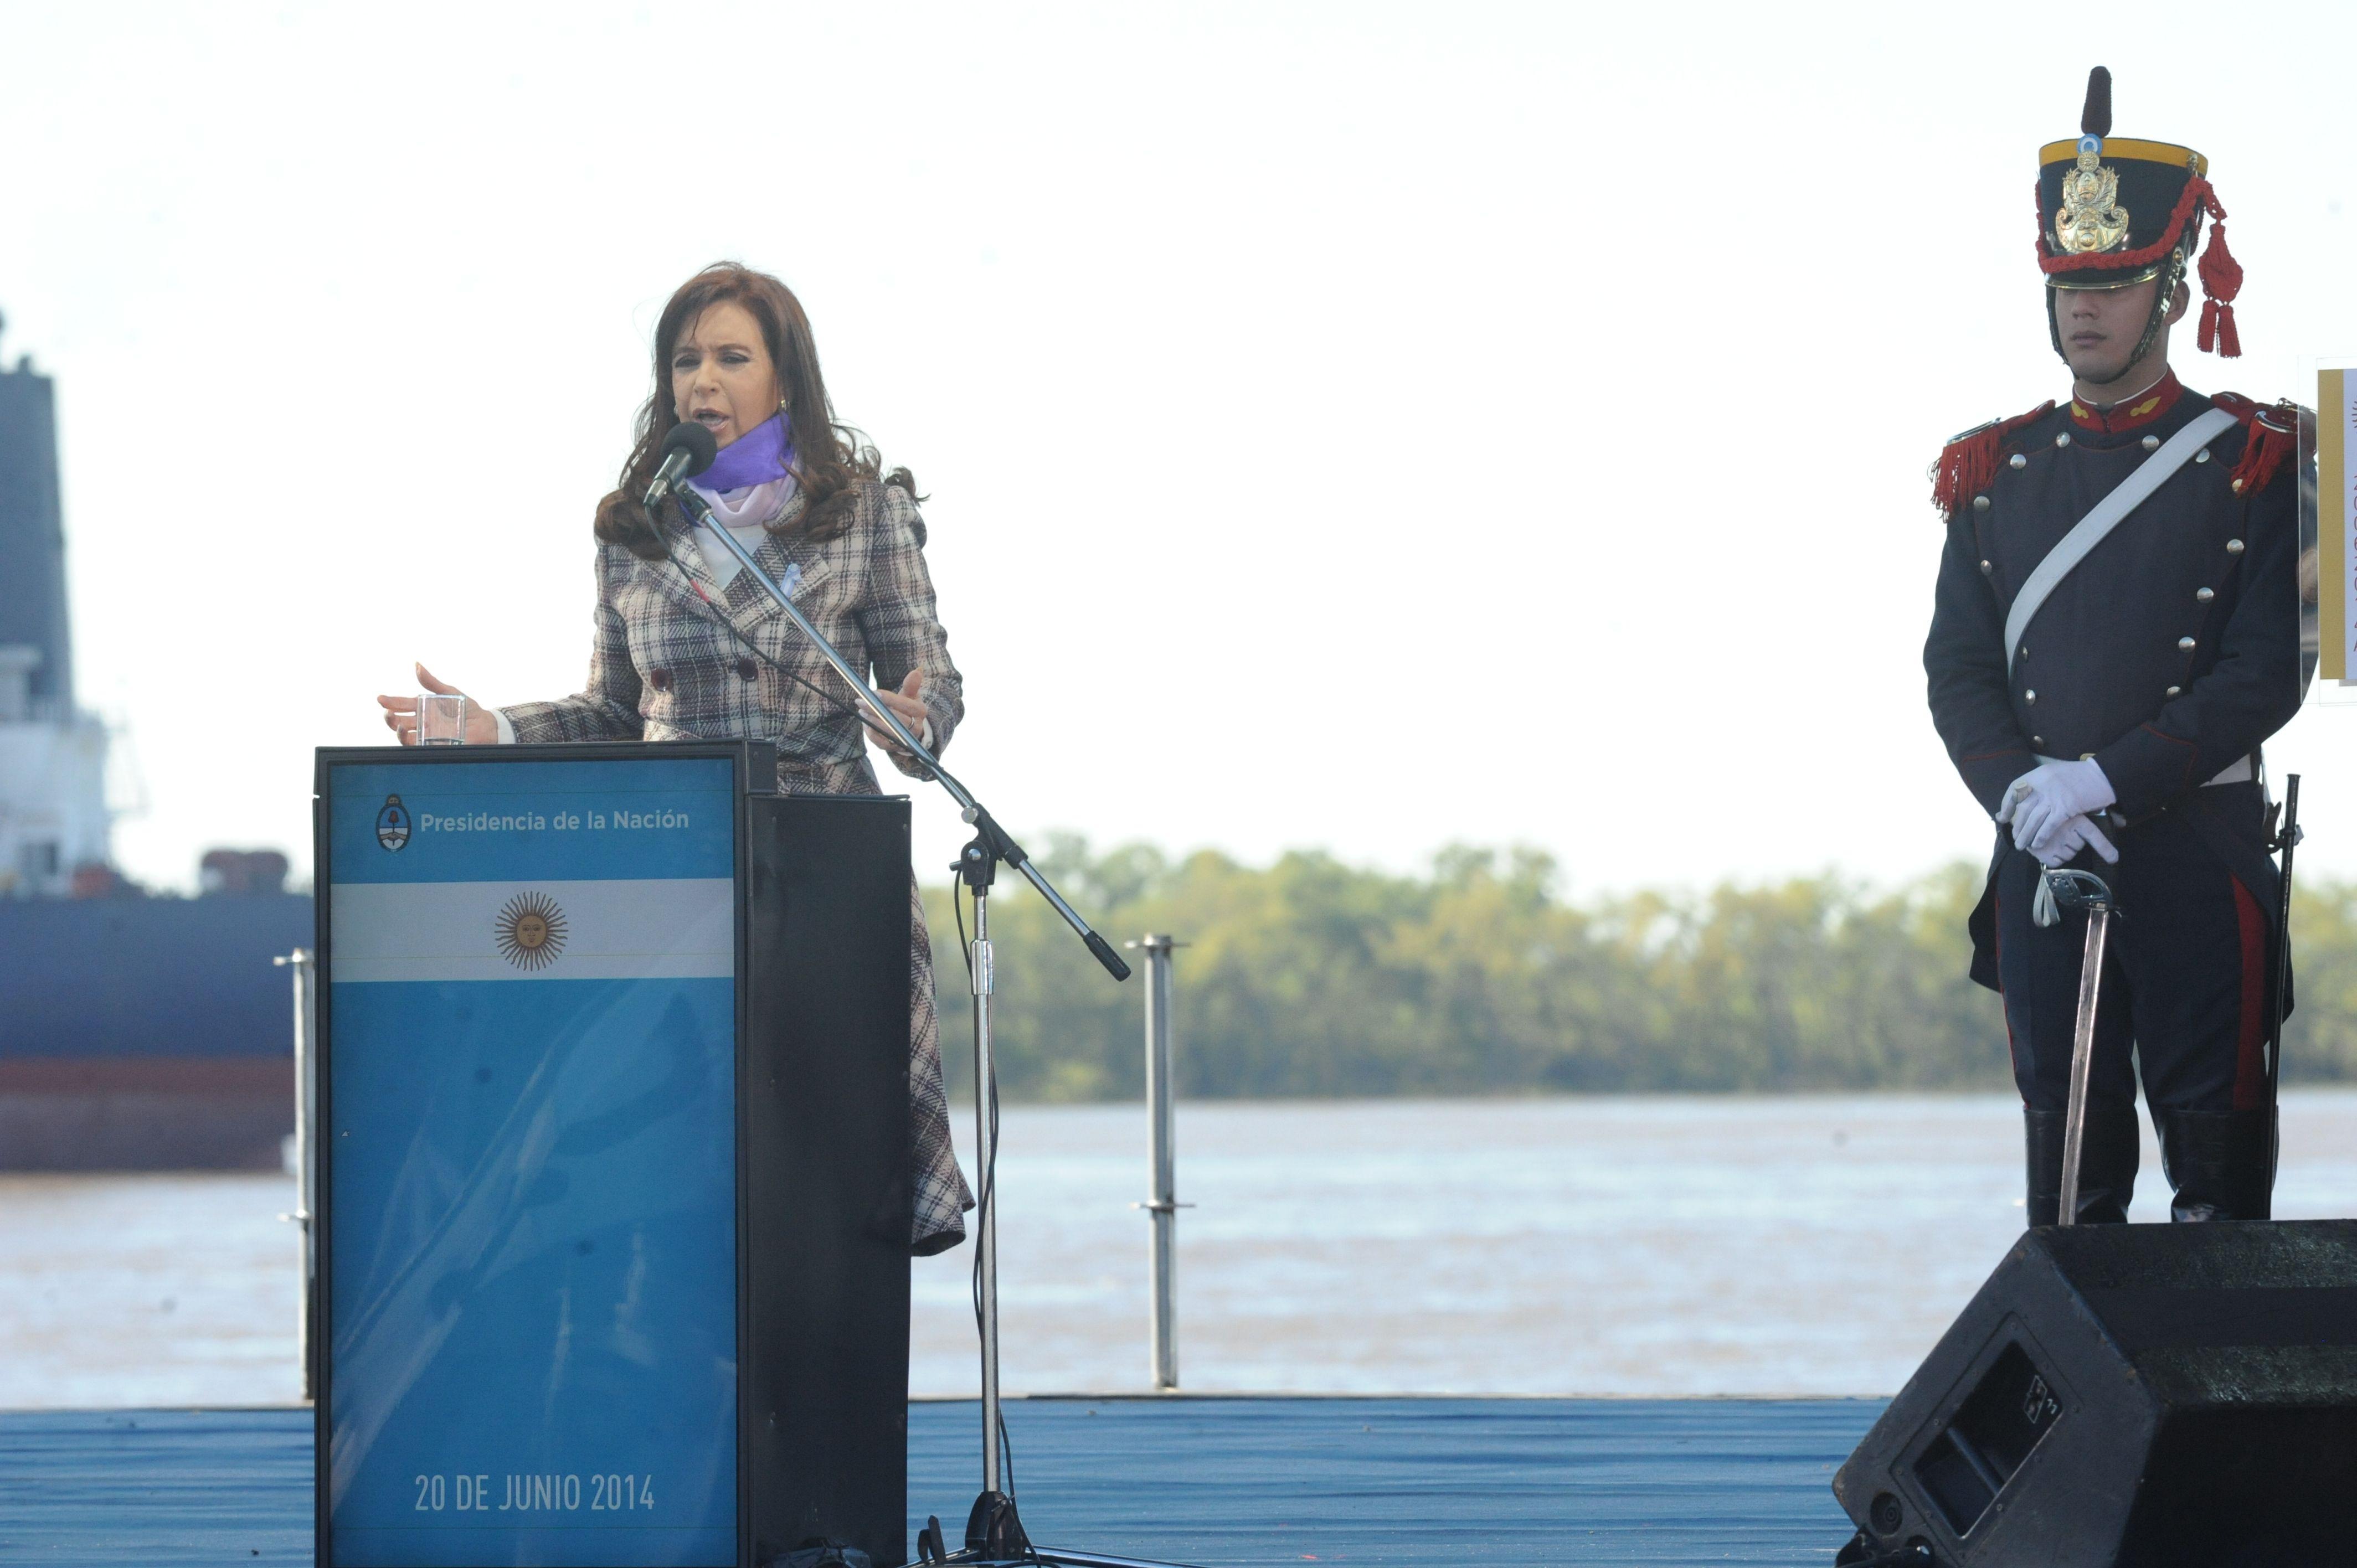 La presidenta habló el año pasado de espaldas al Paraná.